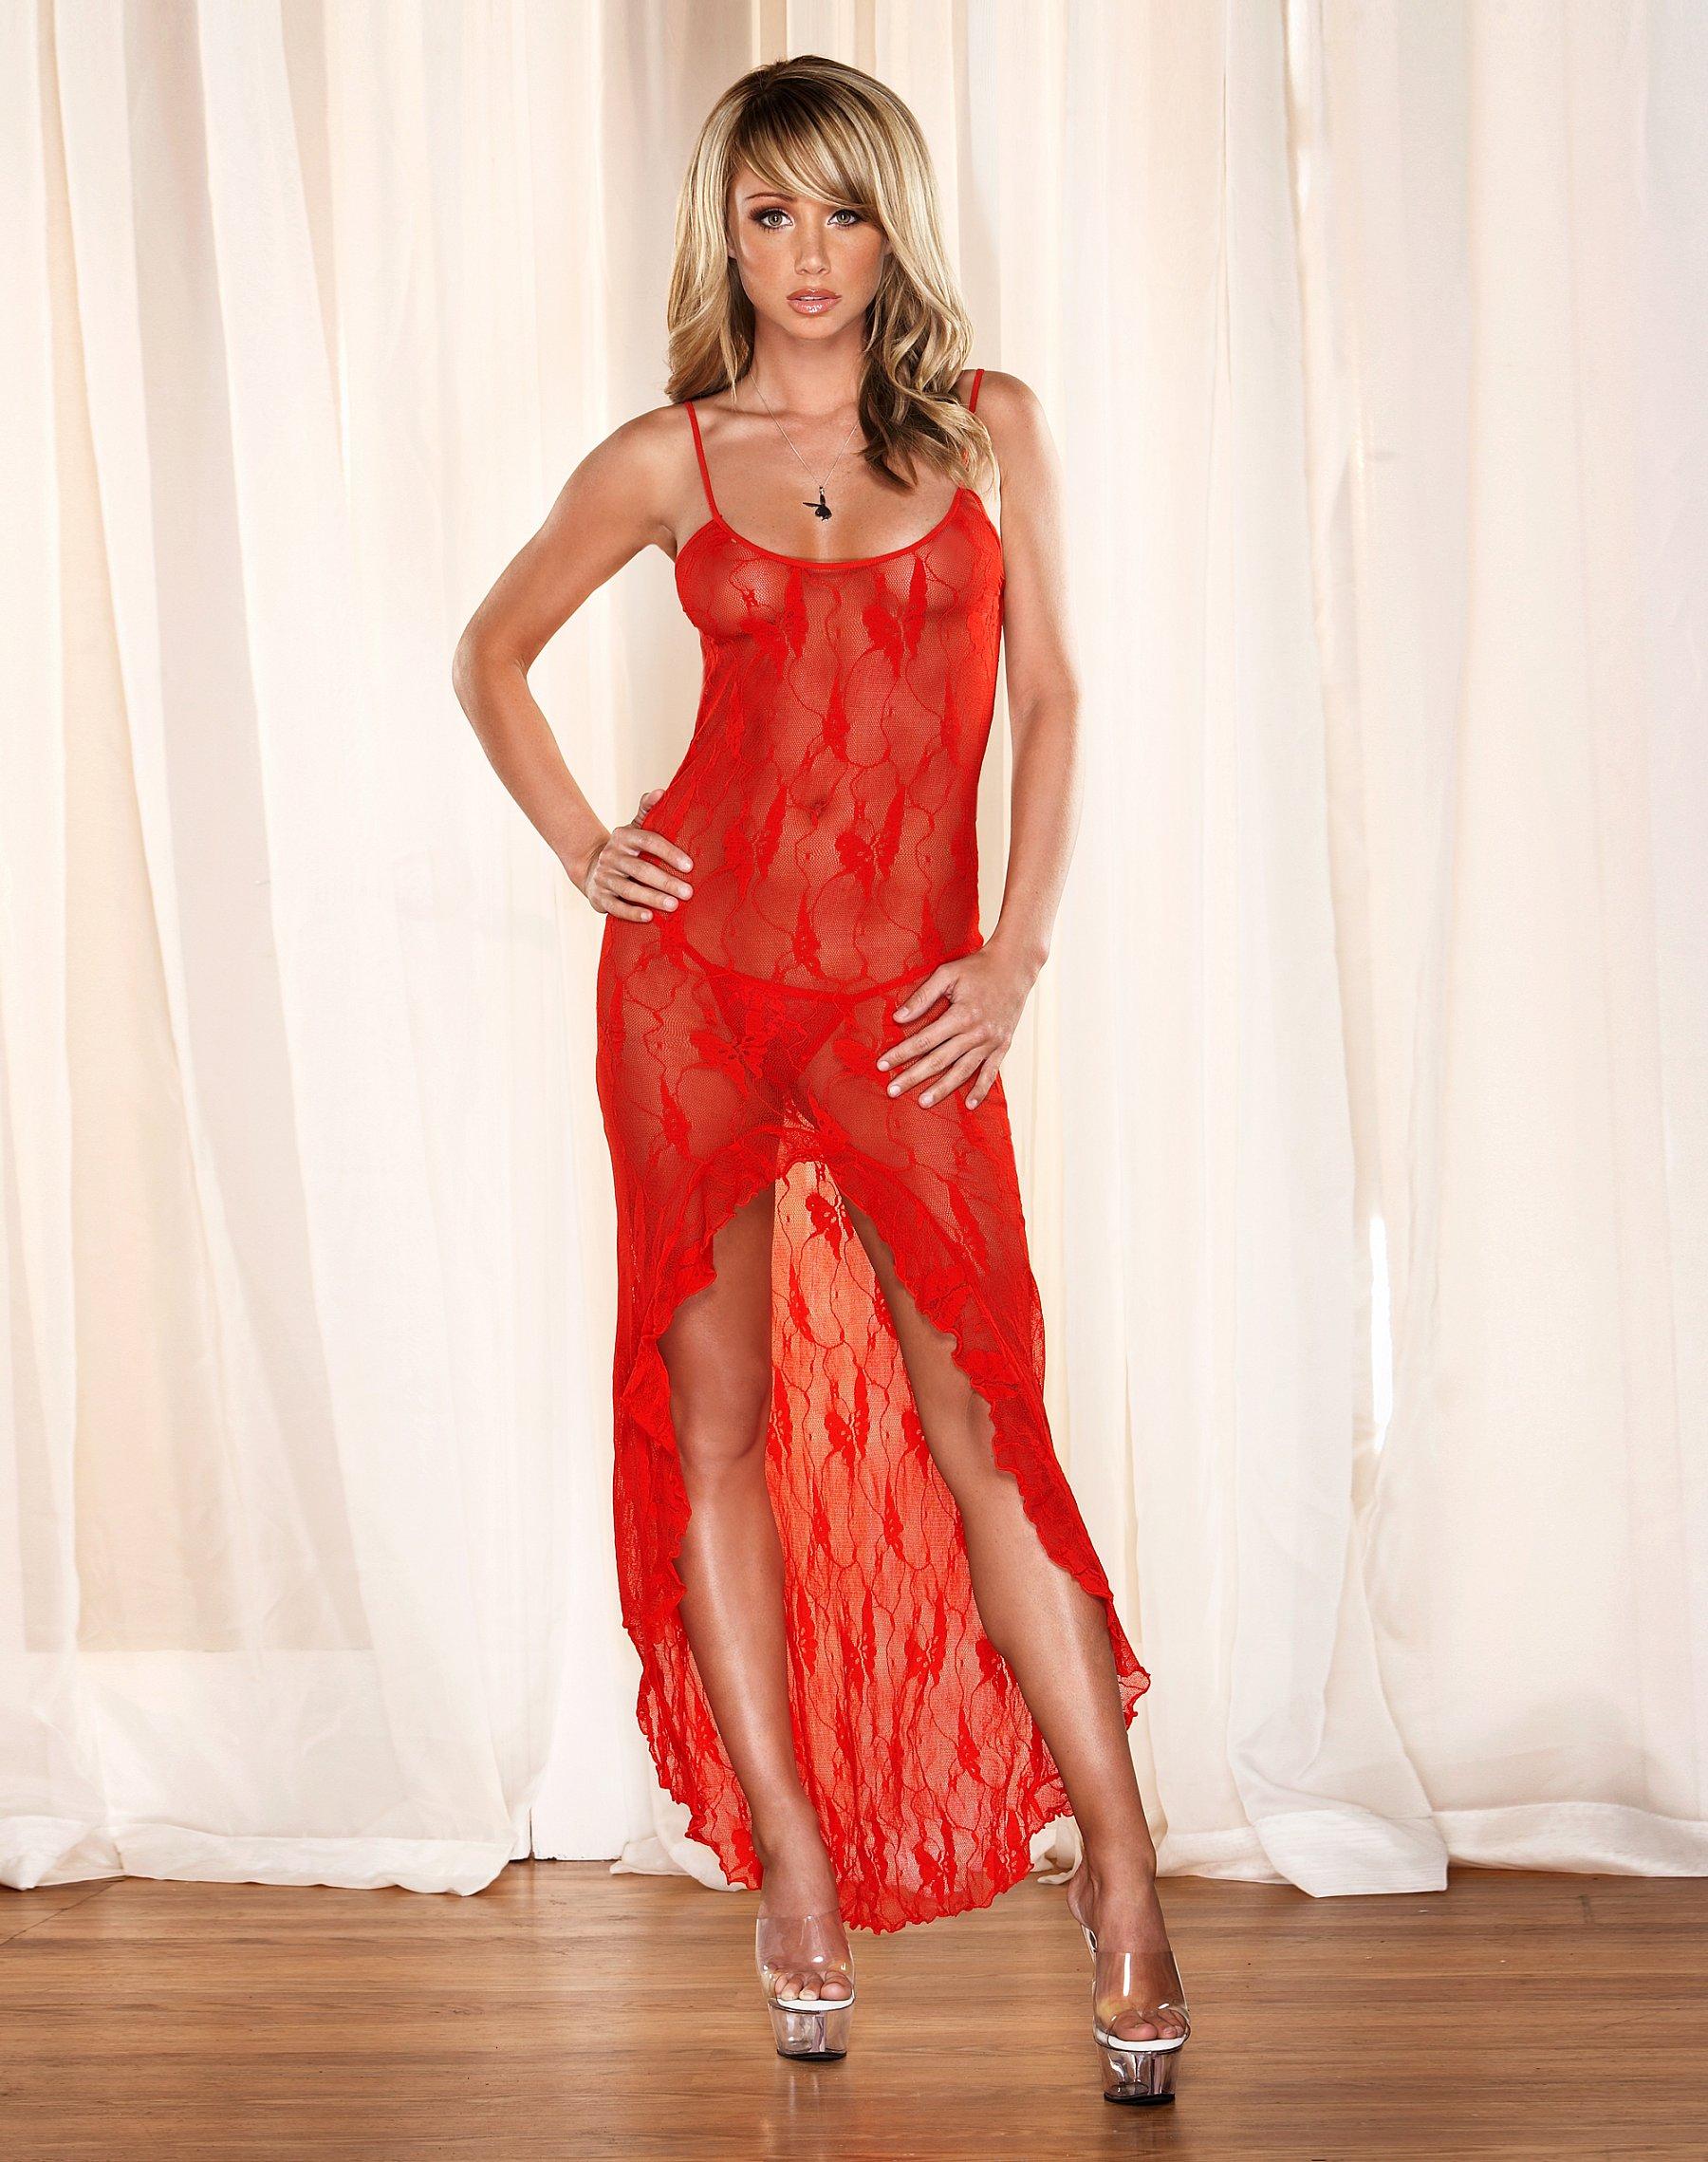 Трахает девочку в красном платье 17 фотография